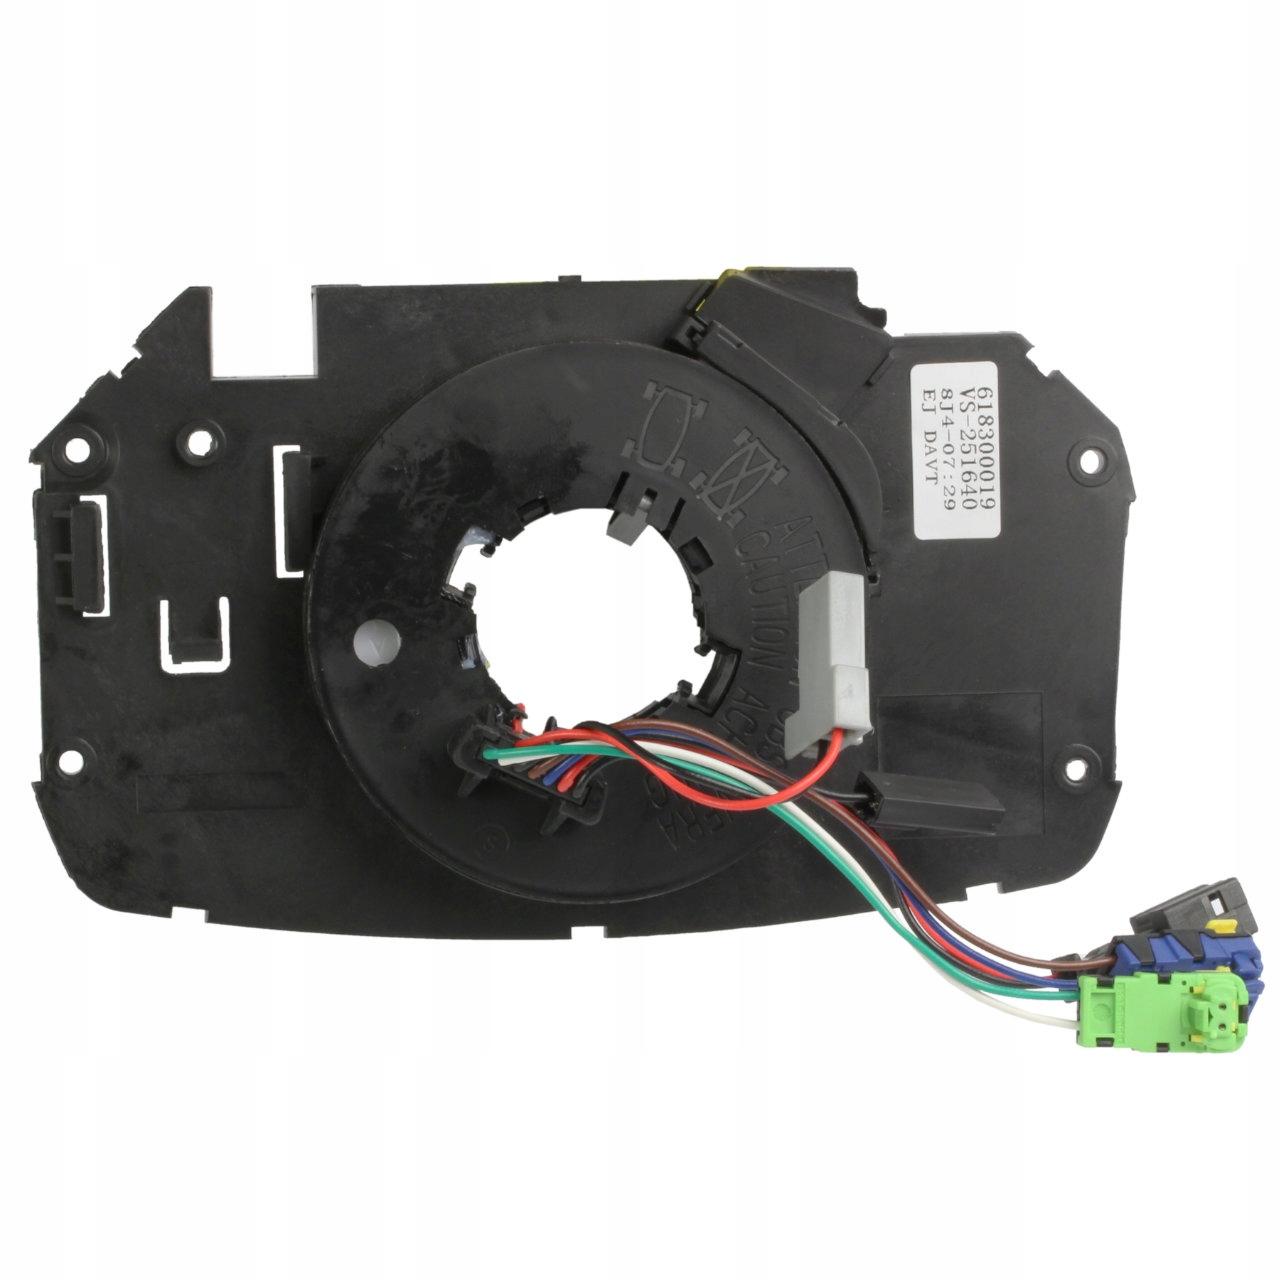 лента перемотчик руль airbag renault megane ii 2